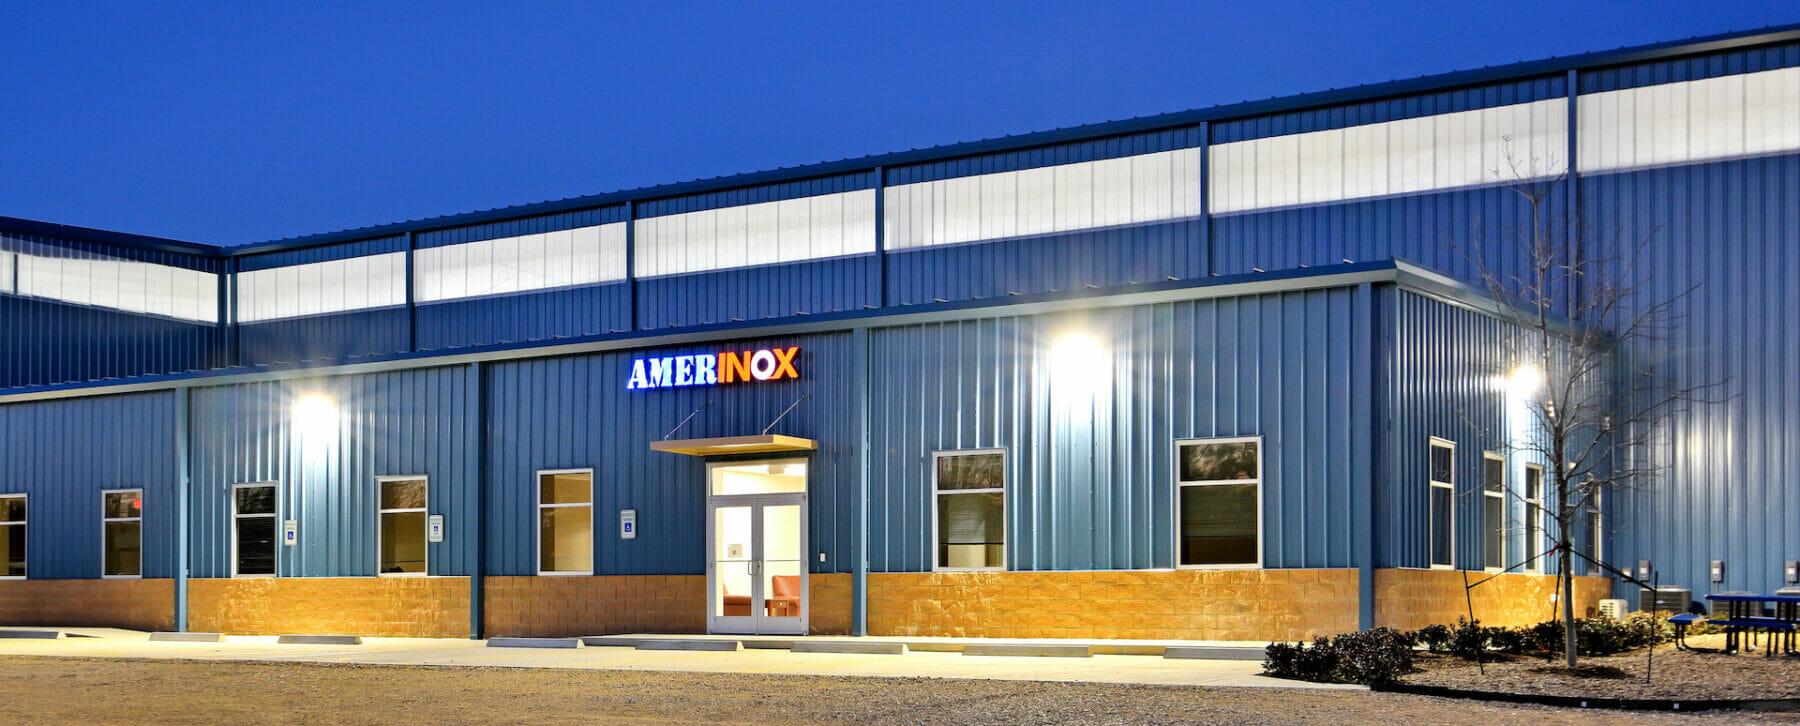 Amerinox Processing - Nash, TX 3